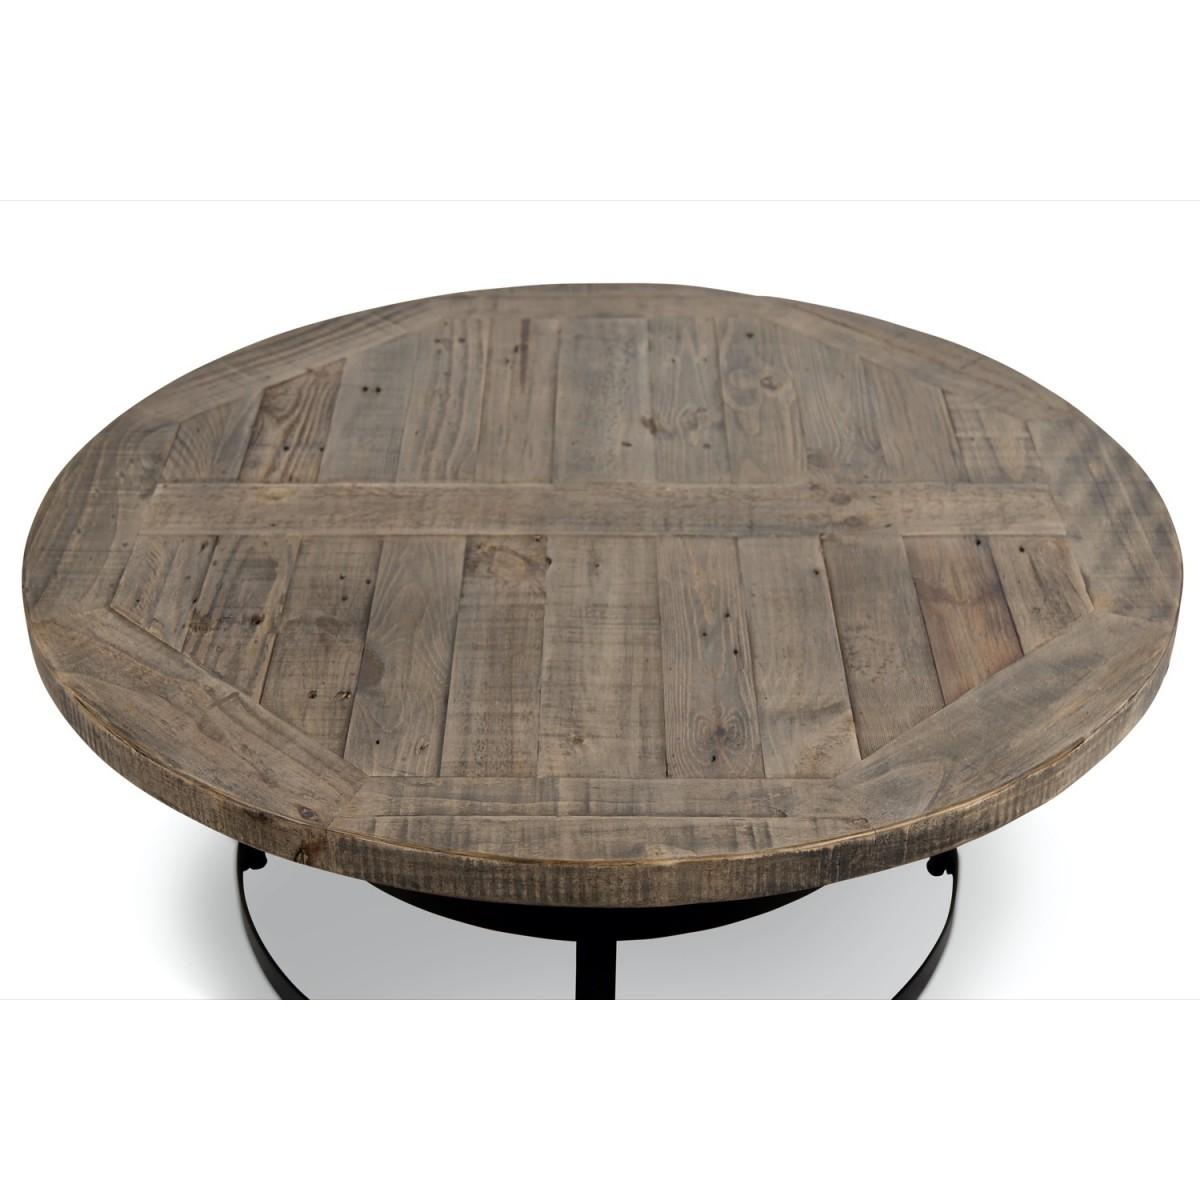 Table Basse Ronde Bois Marron 100x100x40.5cm